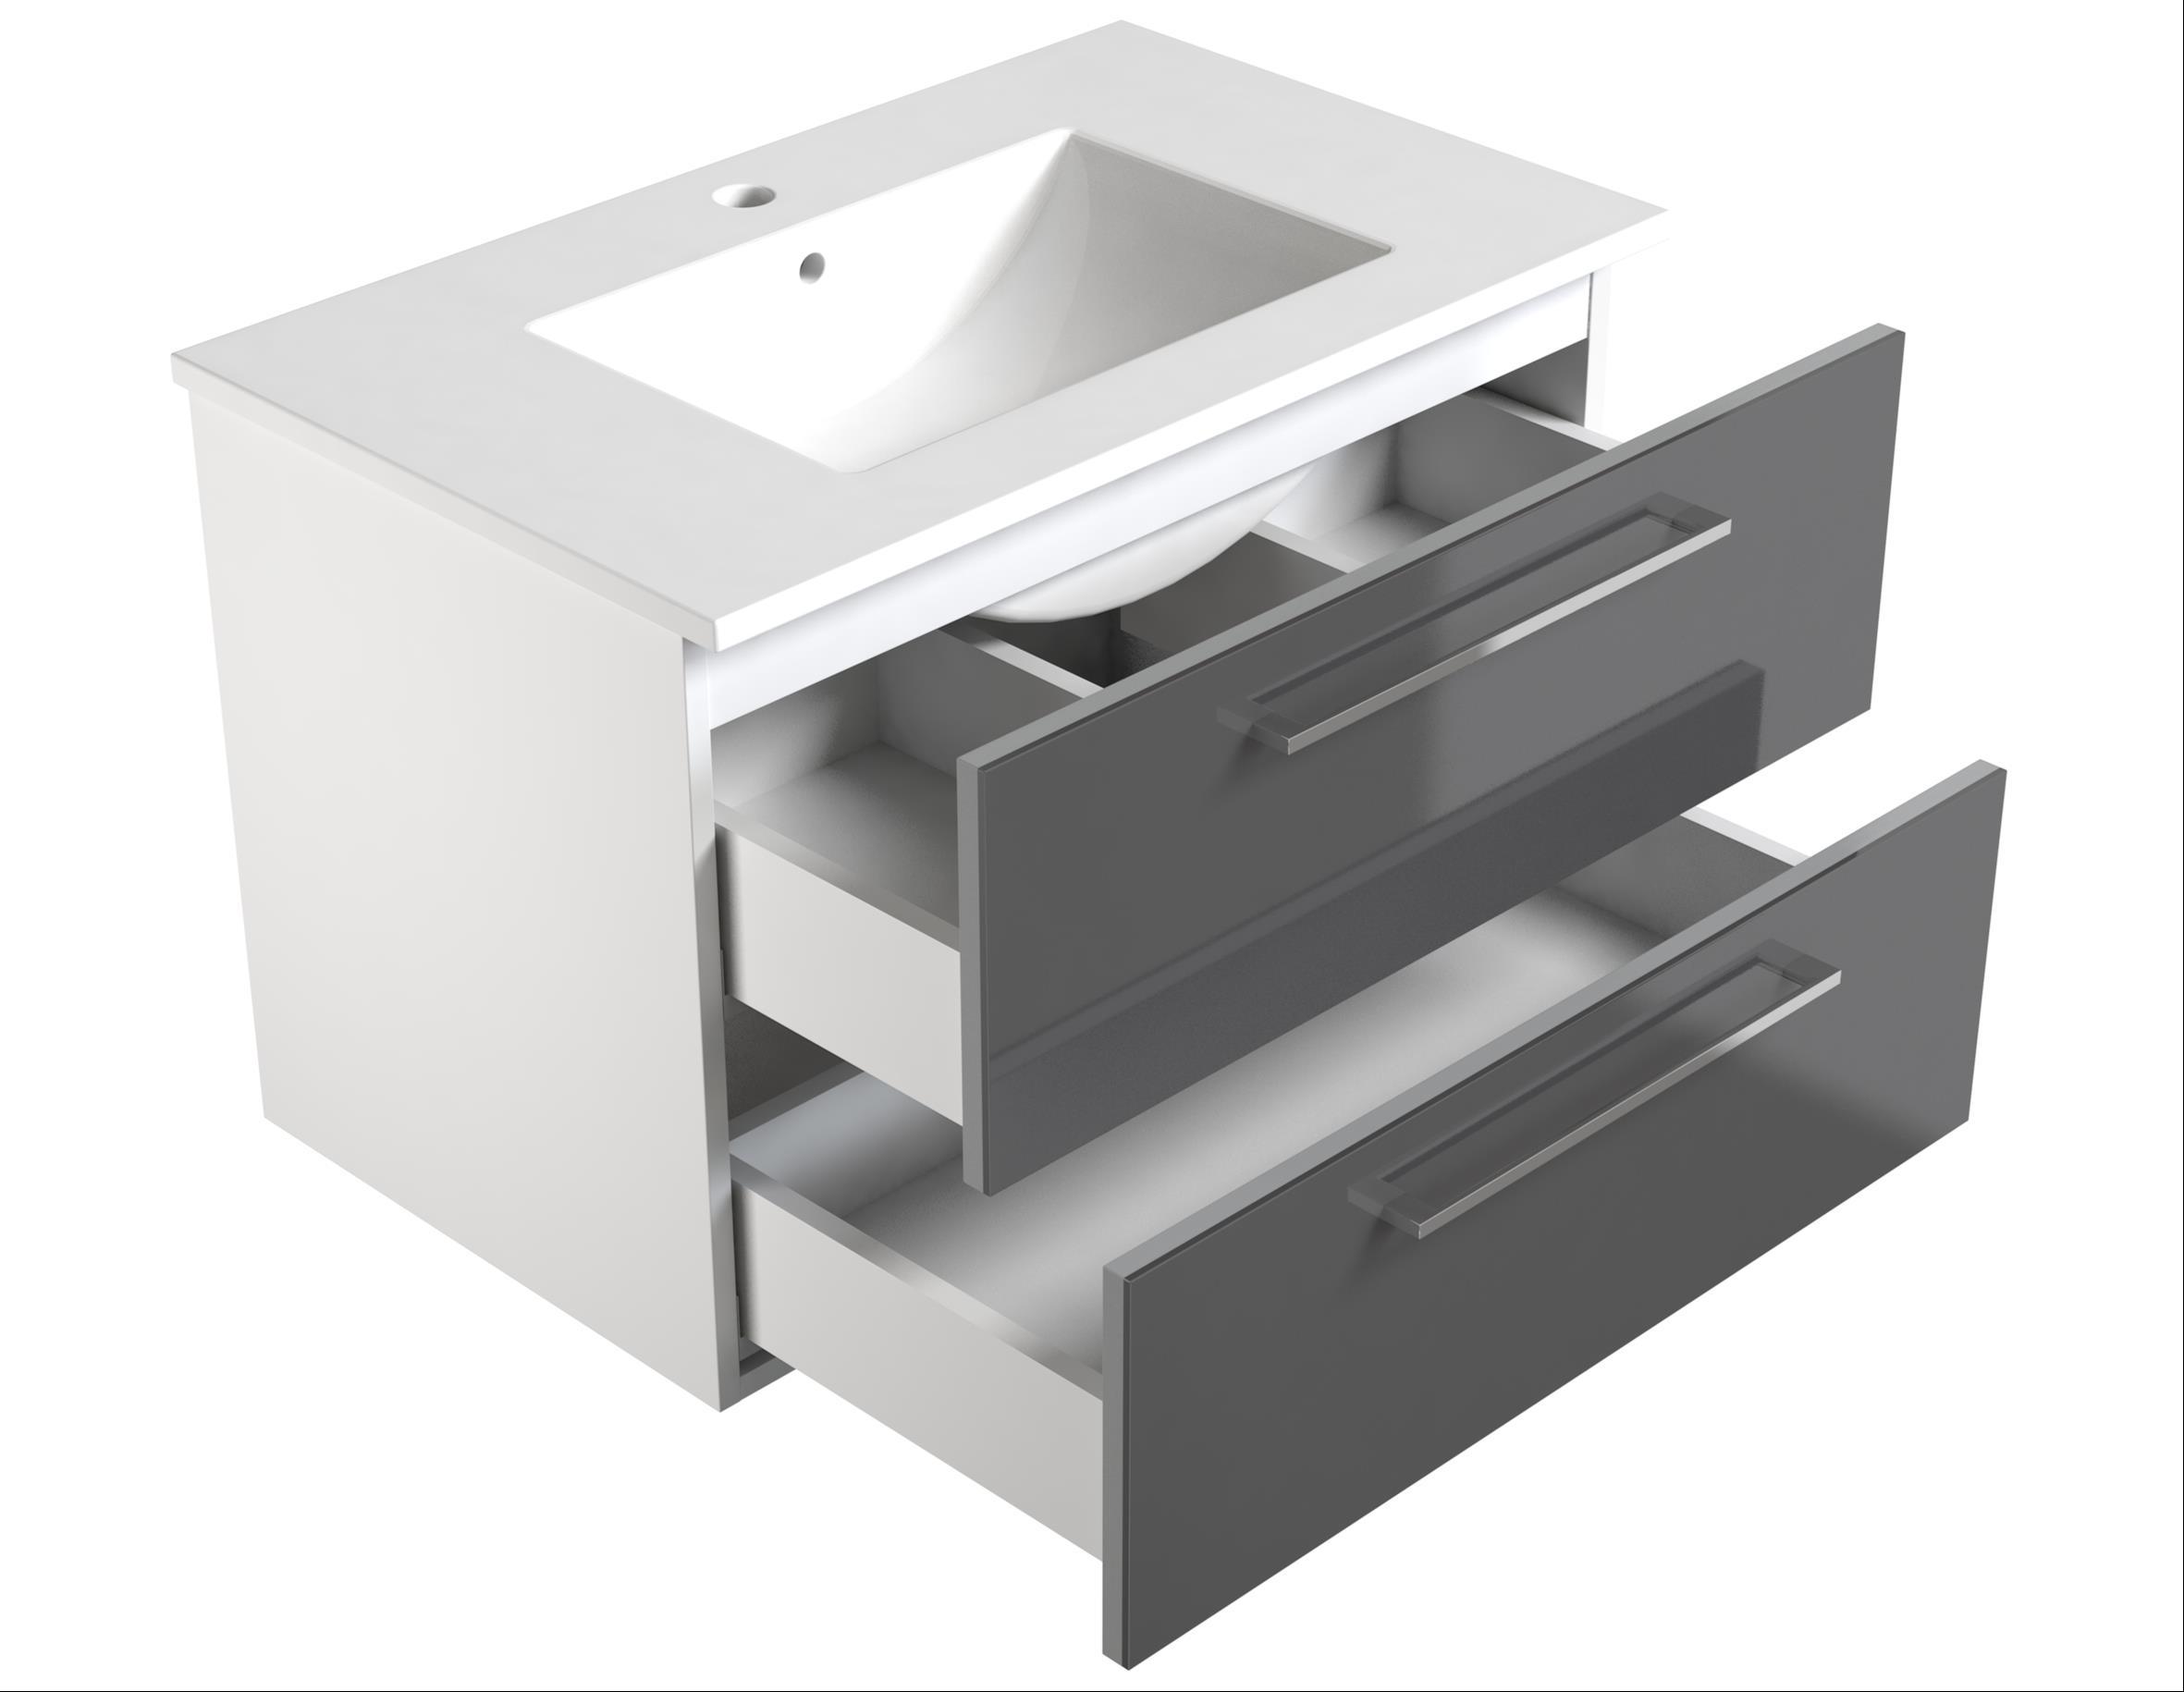 Bad Waschtischunterschrank mit Keramik-Waschtisch Allegro 61 Grau glänzend Bild 3